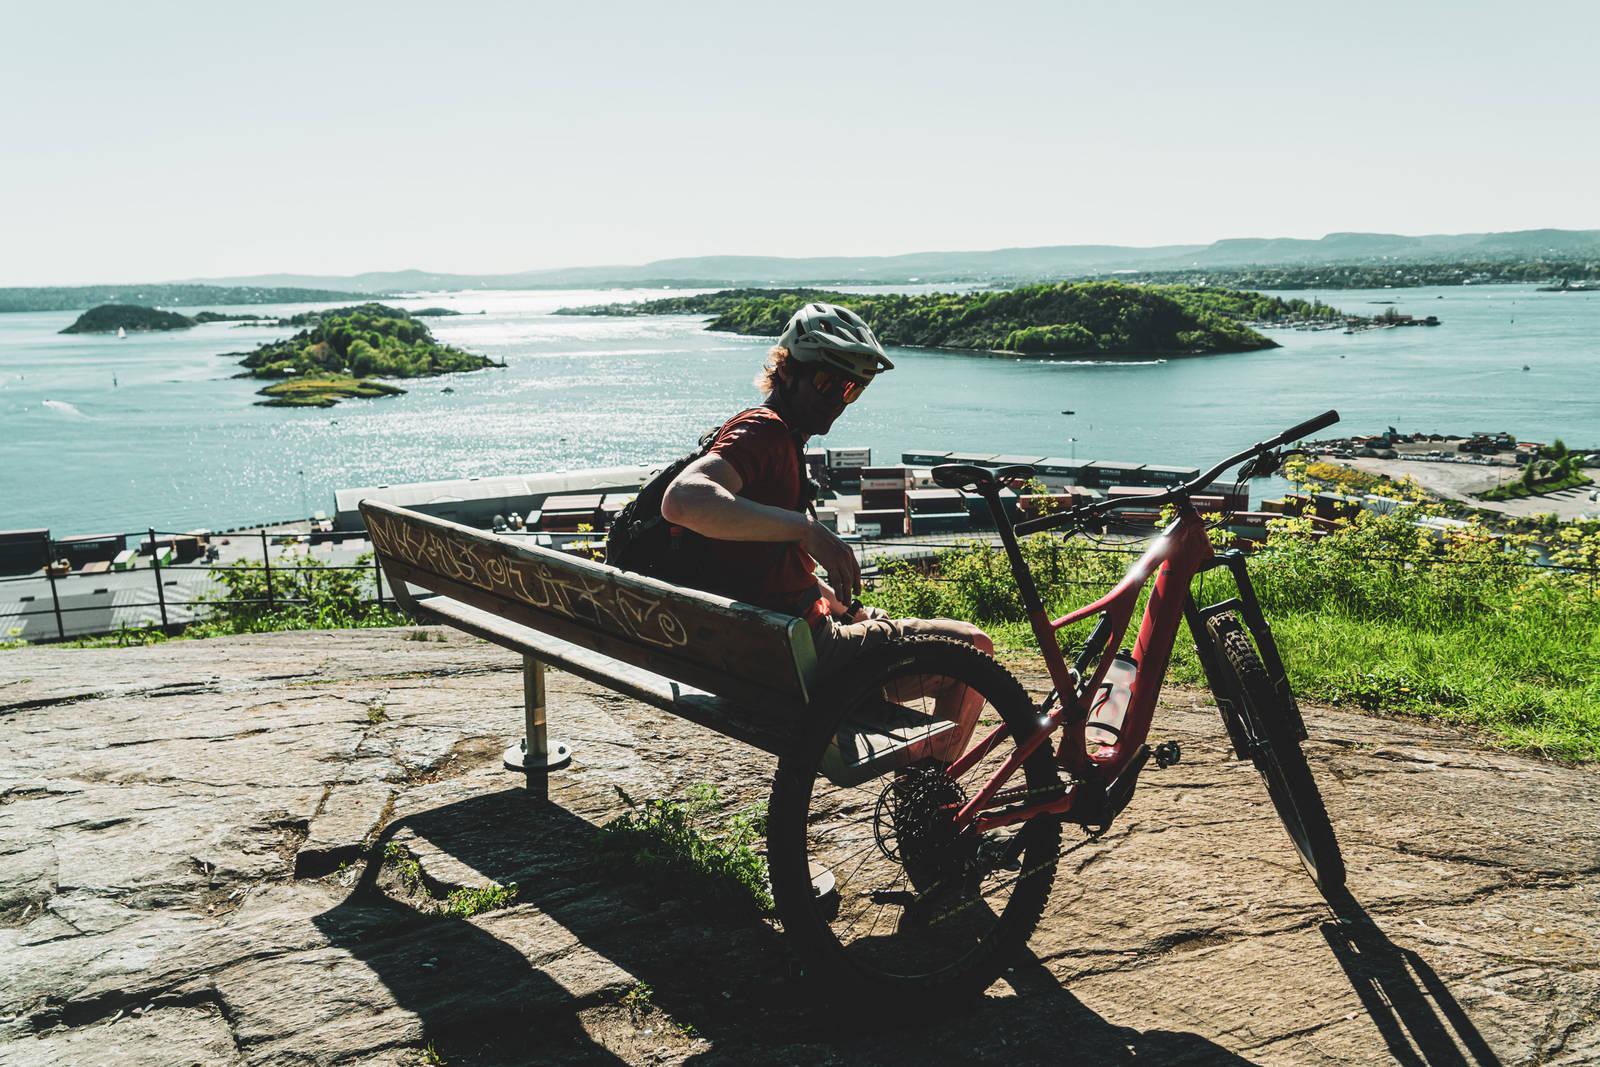 Legger du turen innom Utsikten nedenfor Kongsveien, kan du nyte Oslo i all sin prakt. Bilde: Christian Nerdrum